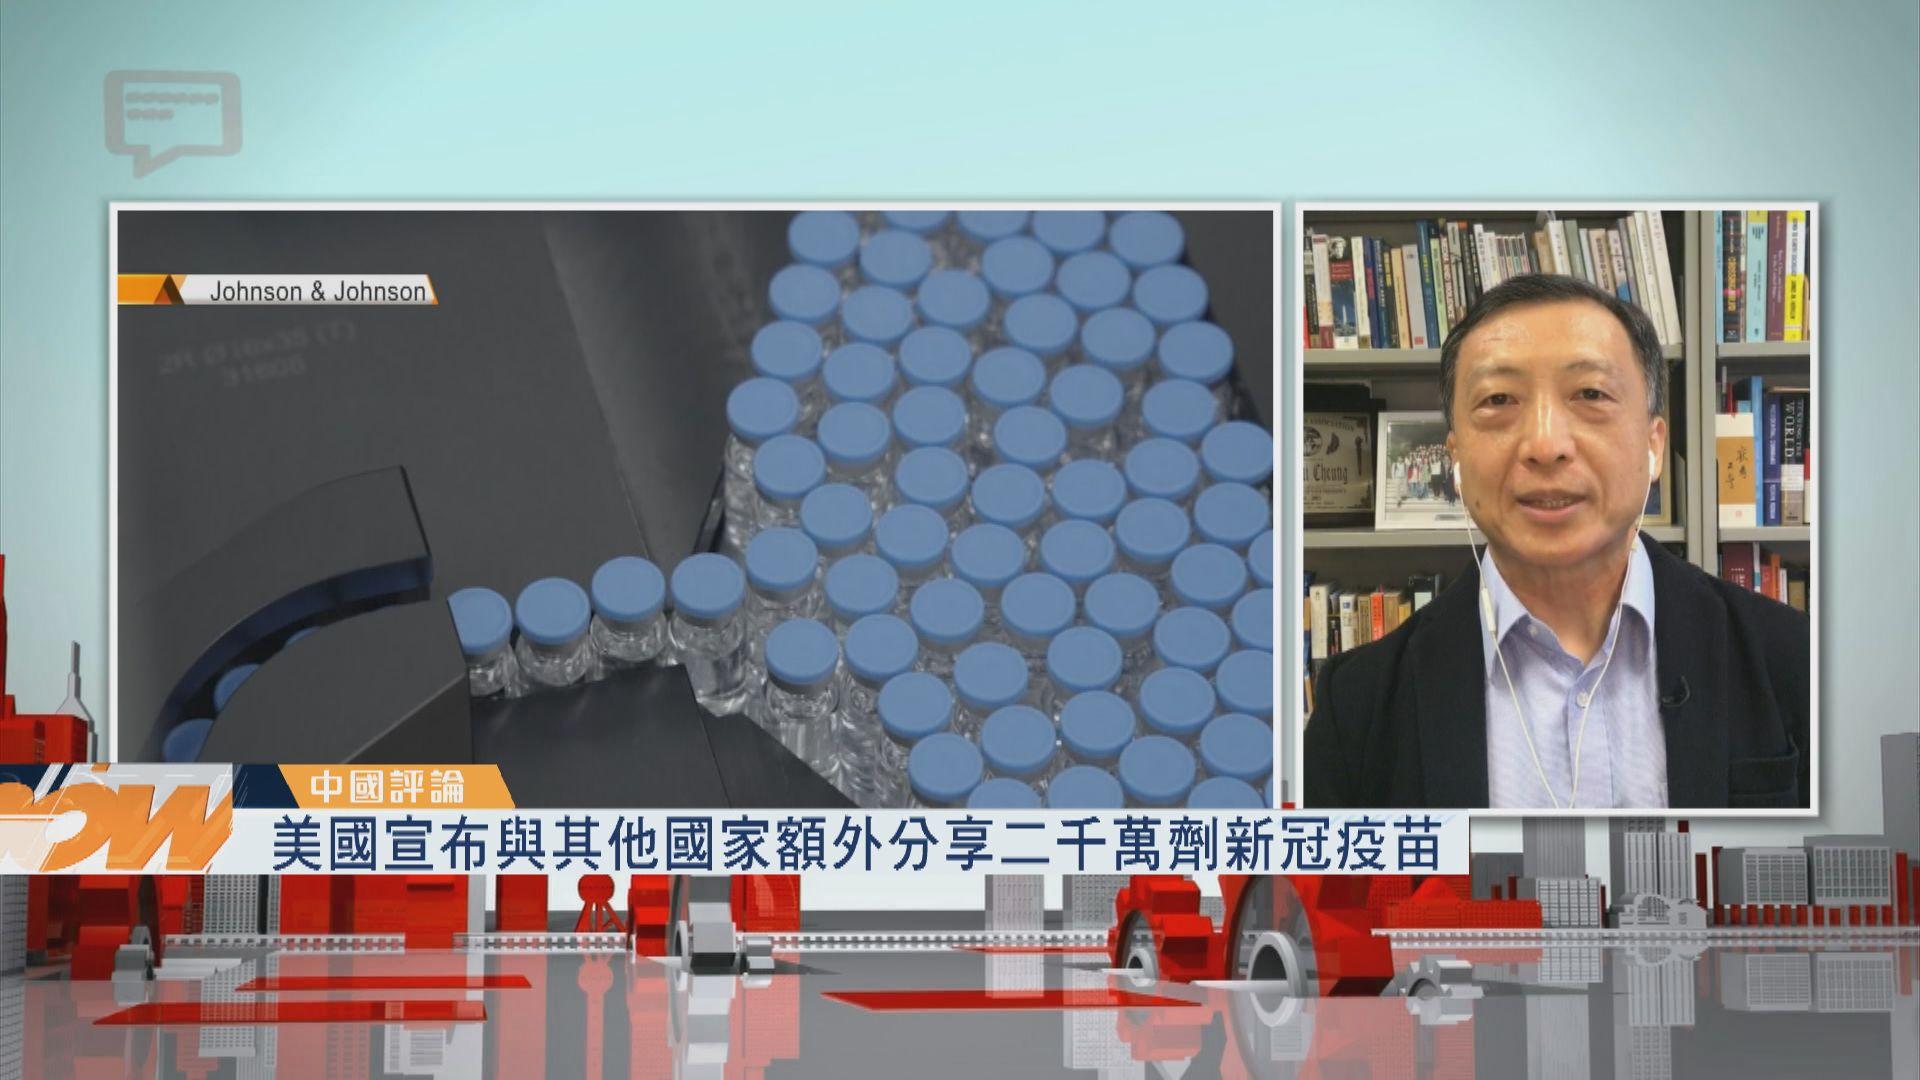 【中國評論】美國與他國額外分享二千萬劑新冠疫苗